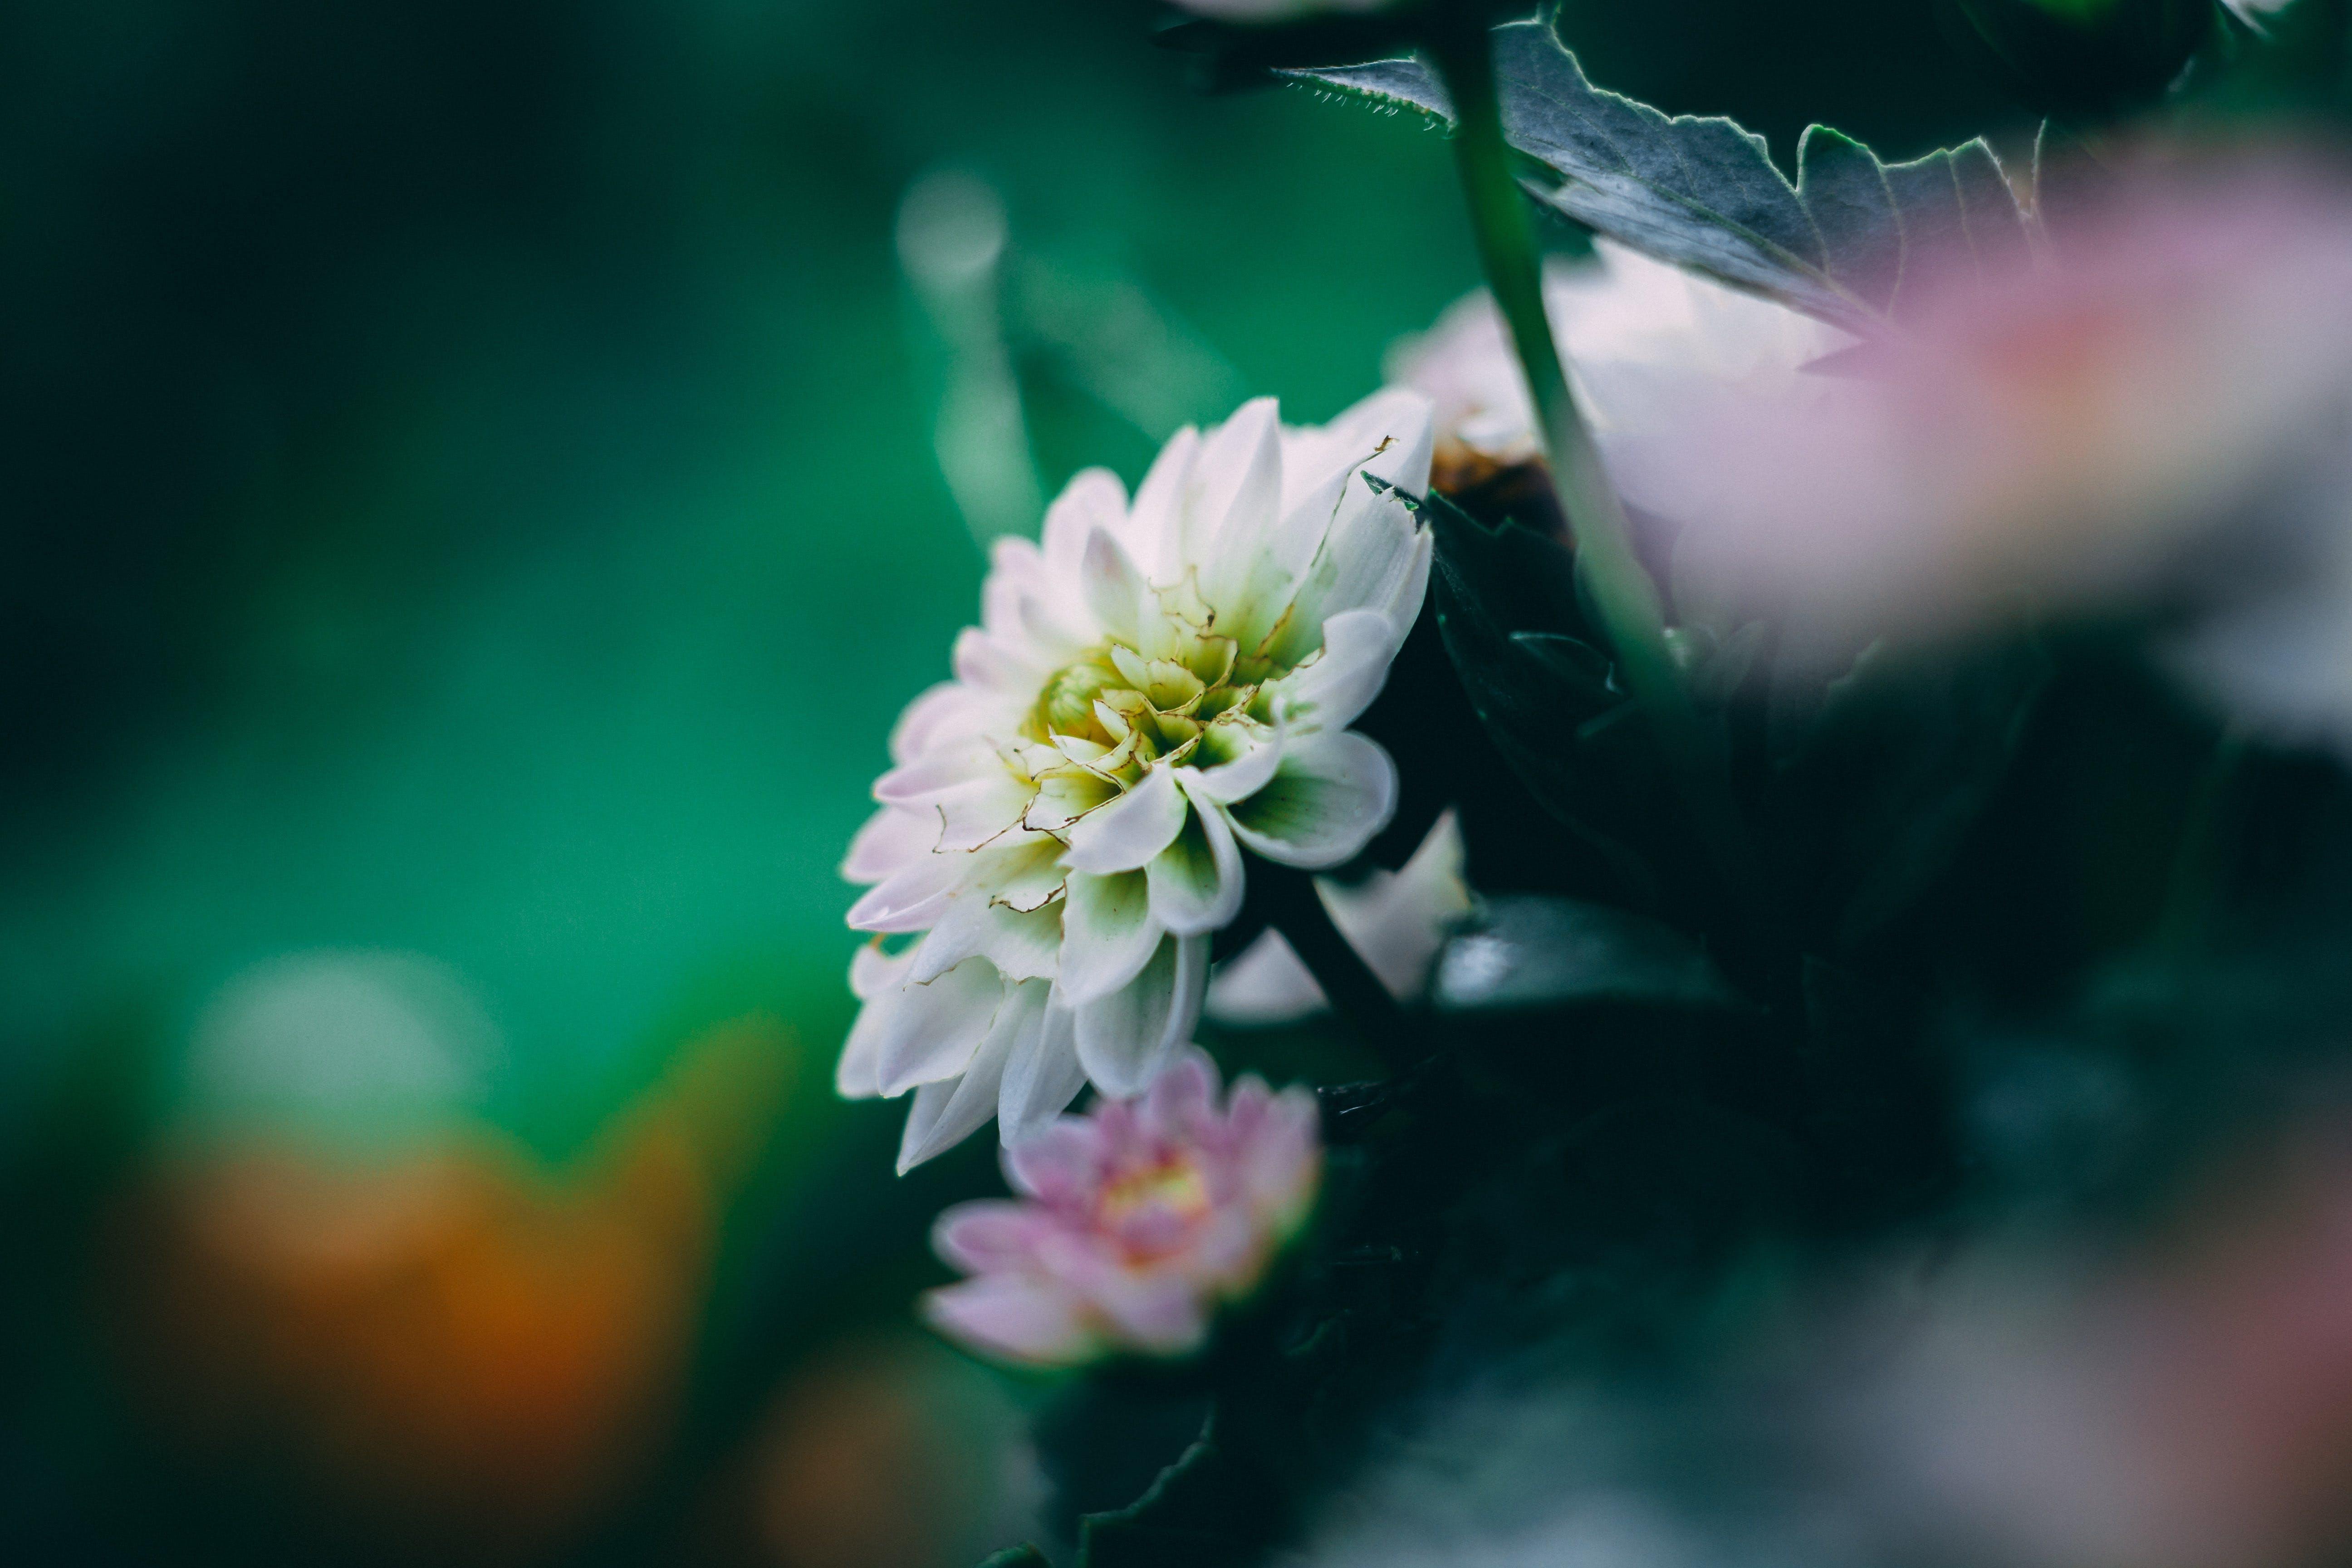 フローラ, マクロ, 咲く